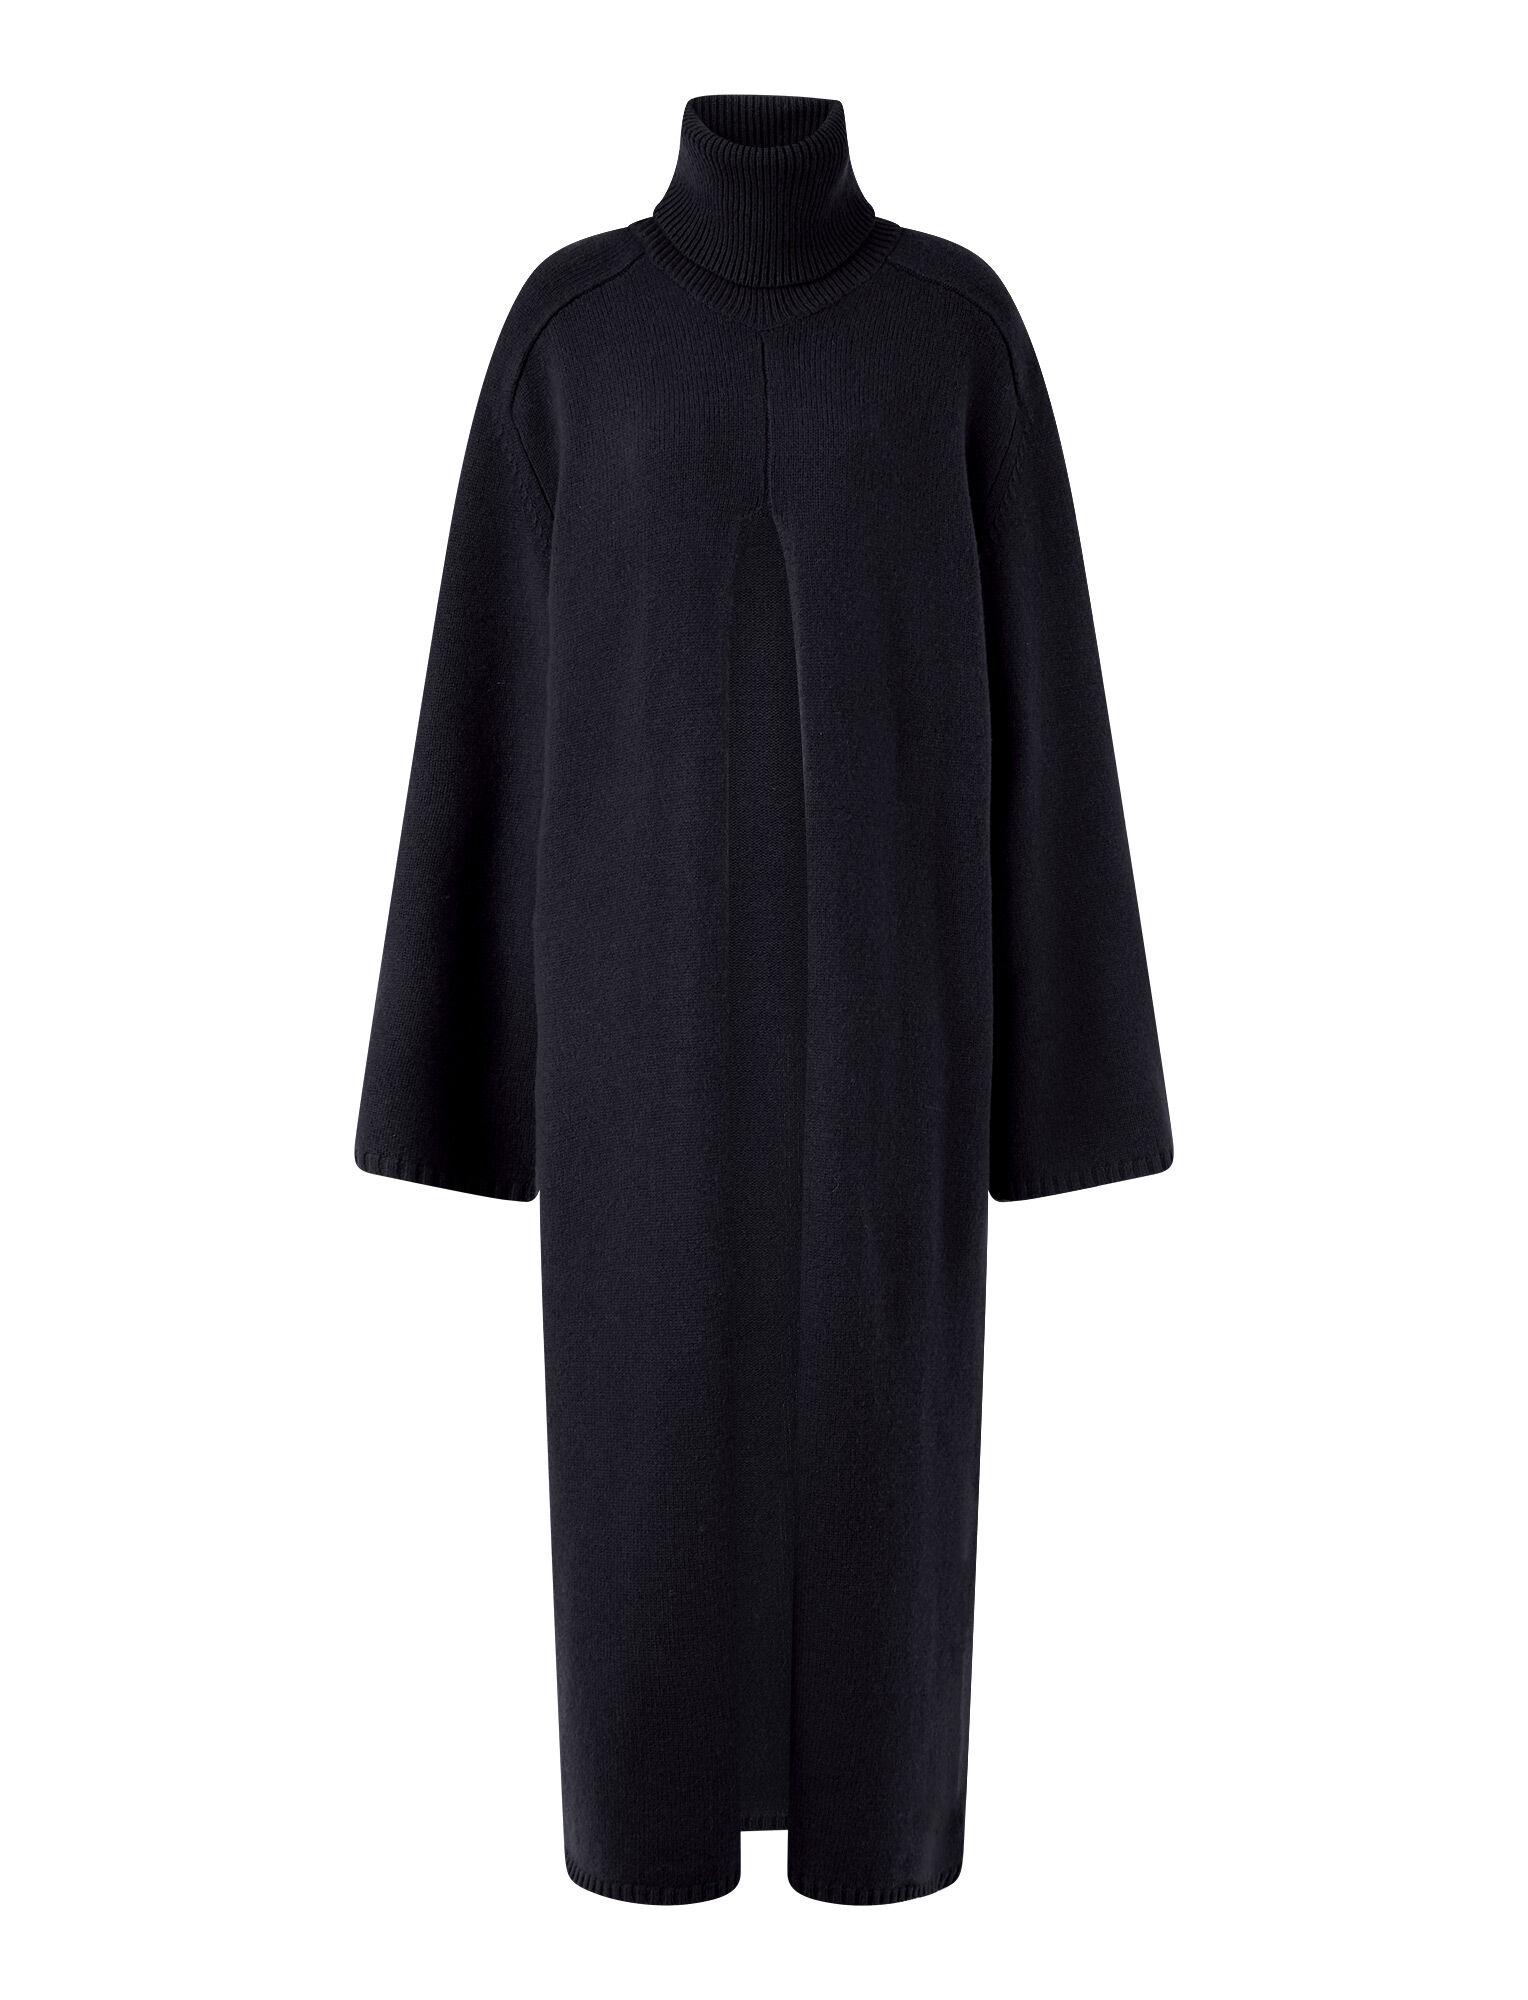 Joseph, Viviane O'Size Knit Dress, in Navy